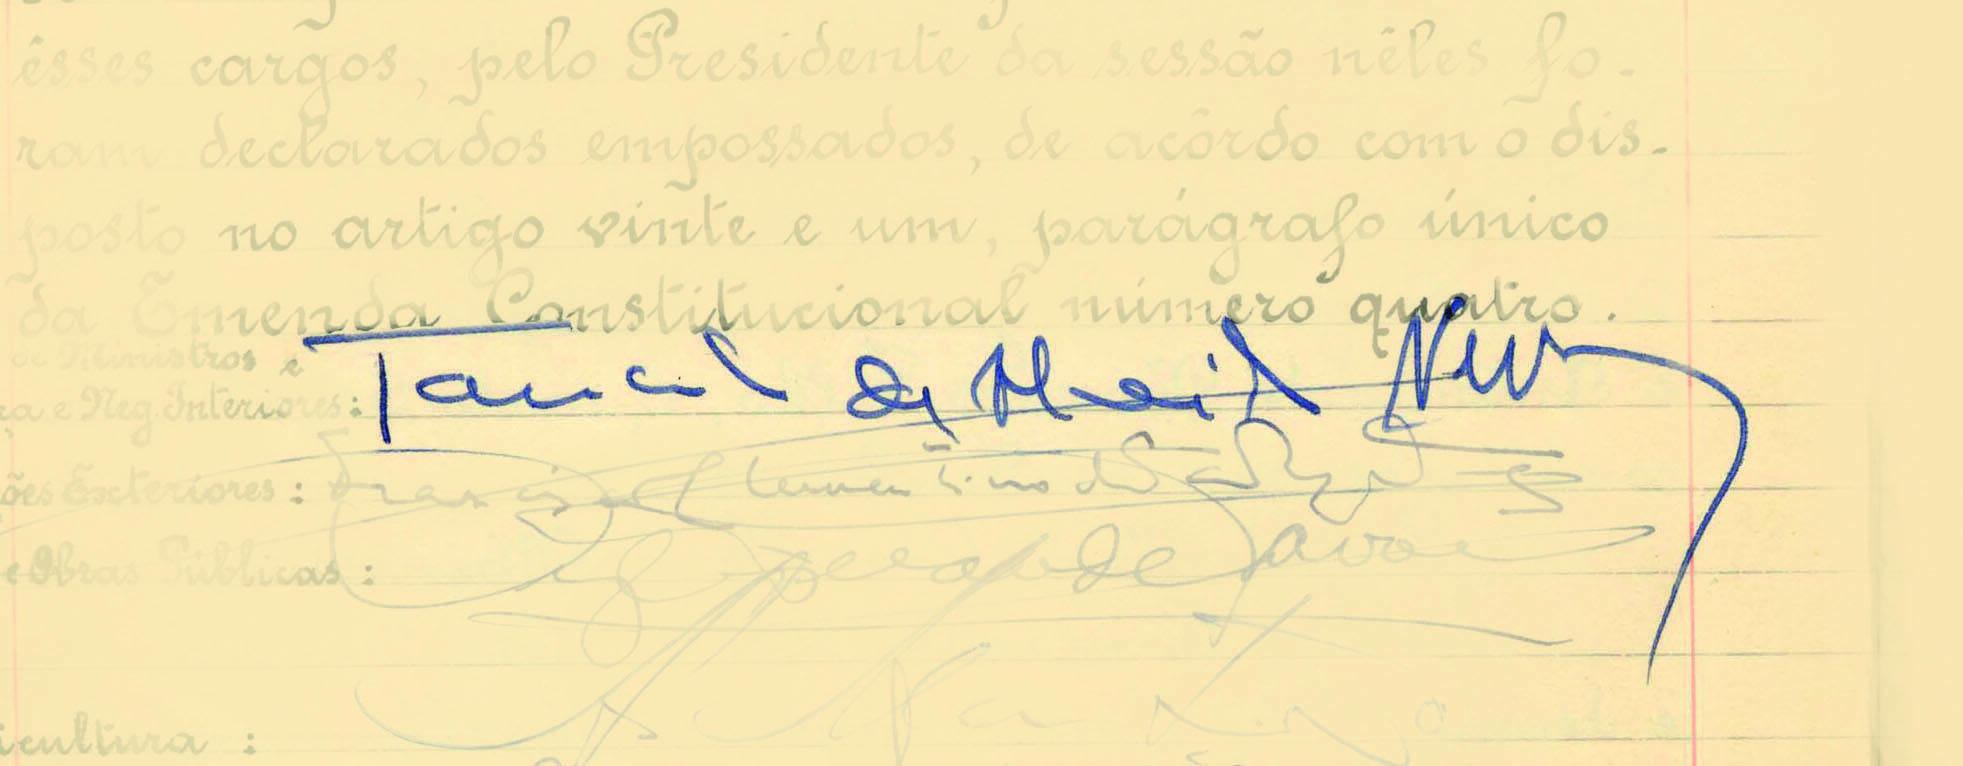 O termo de posse de Tancredo Neves em 1985 não chegou a ser assinado; este autógrafo é da sua posse como primeiro-ministro, em 1961. Foto: Reprodução / Senado Federal